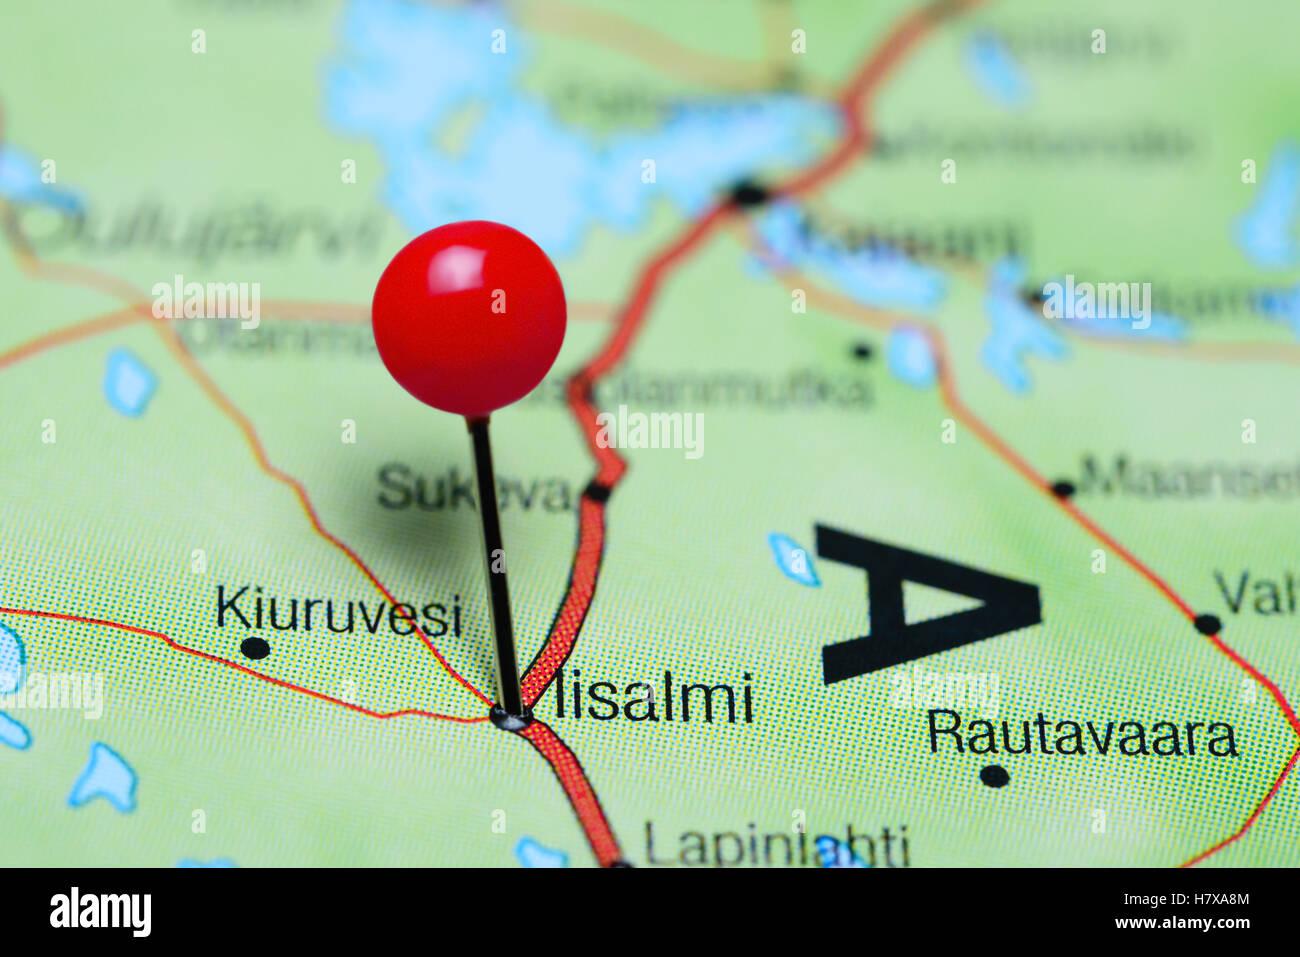 Iisalmi Stock Photos Iisalmi Stock Images Alamy